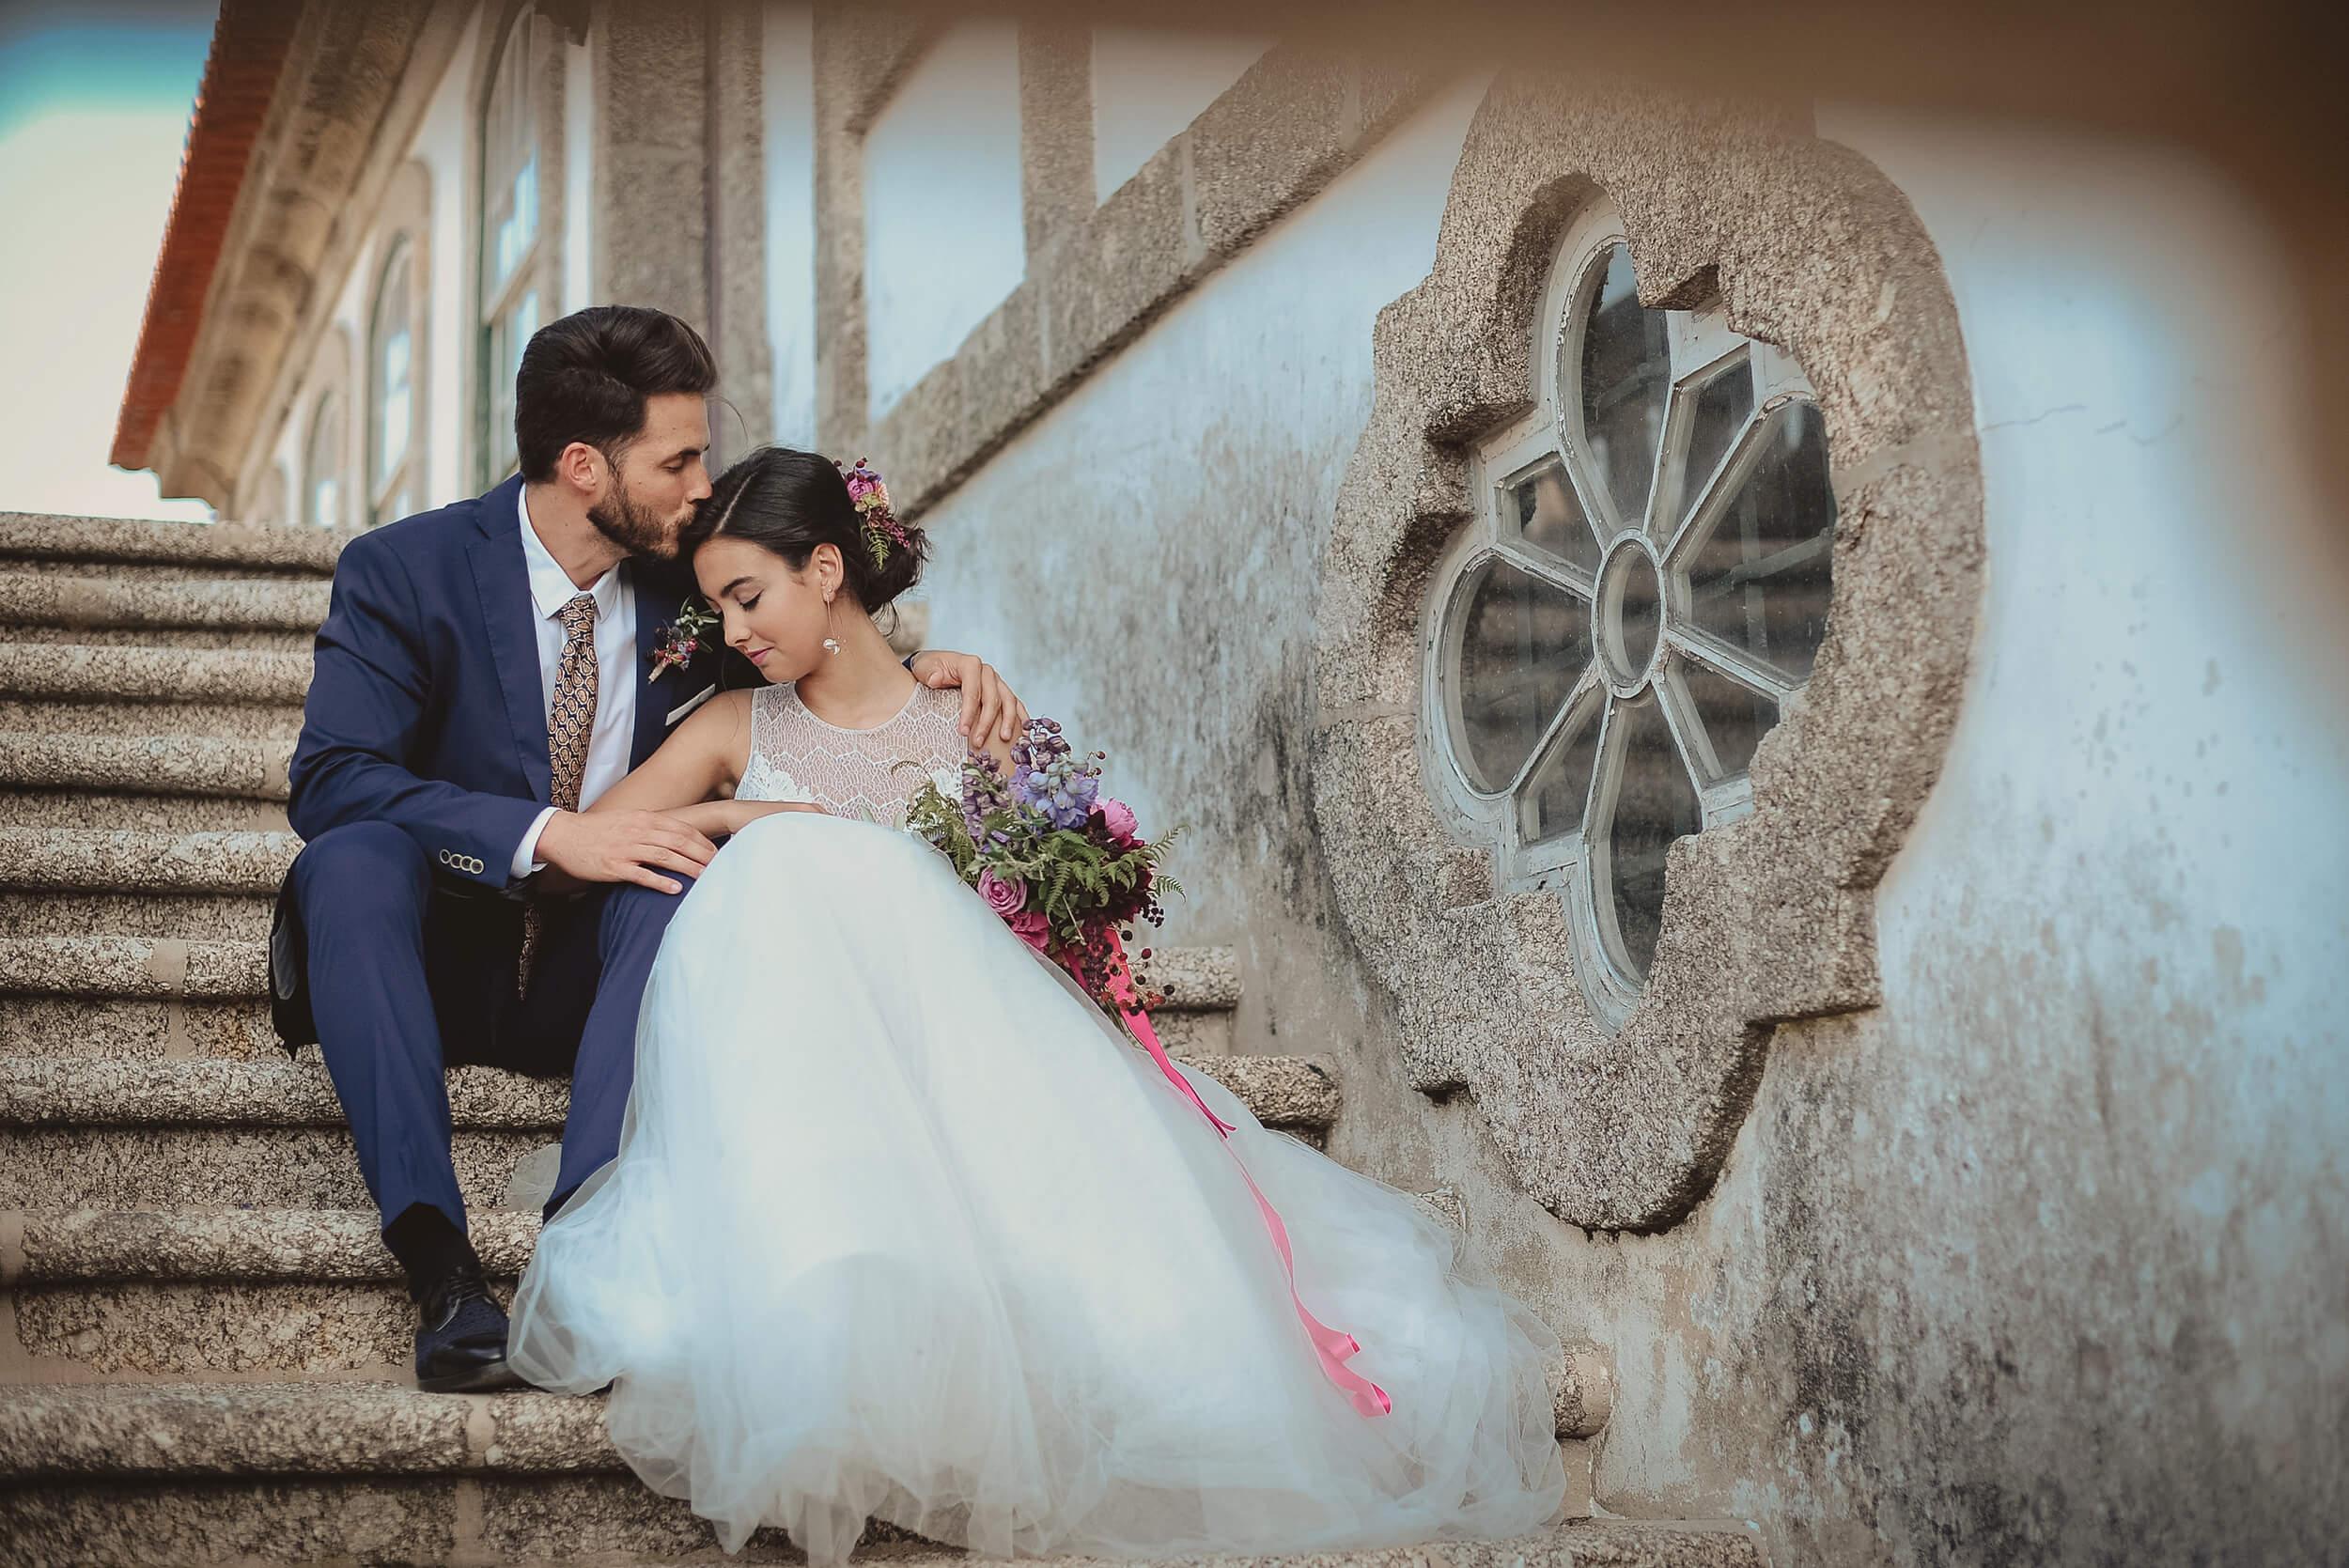 roma-organizacao-eventos-editorial-casamento-colorful-wedding-9